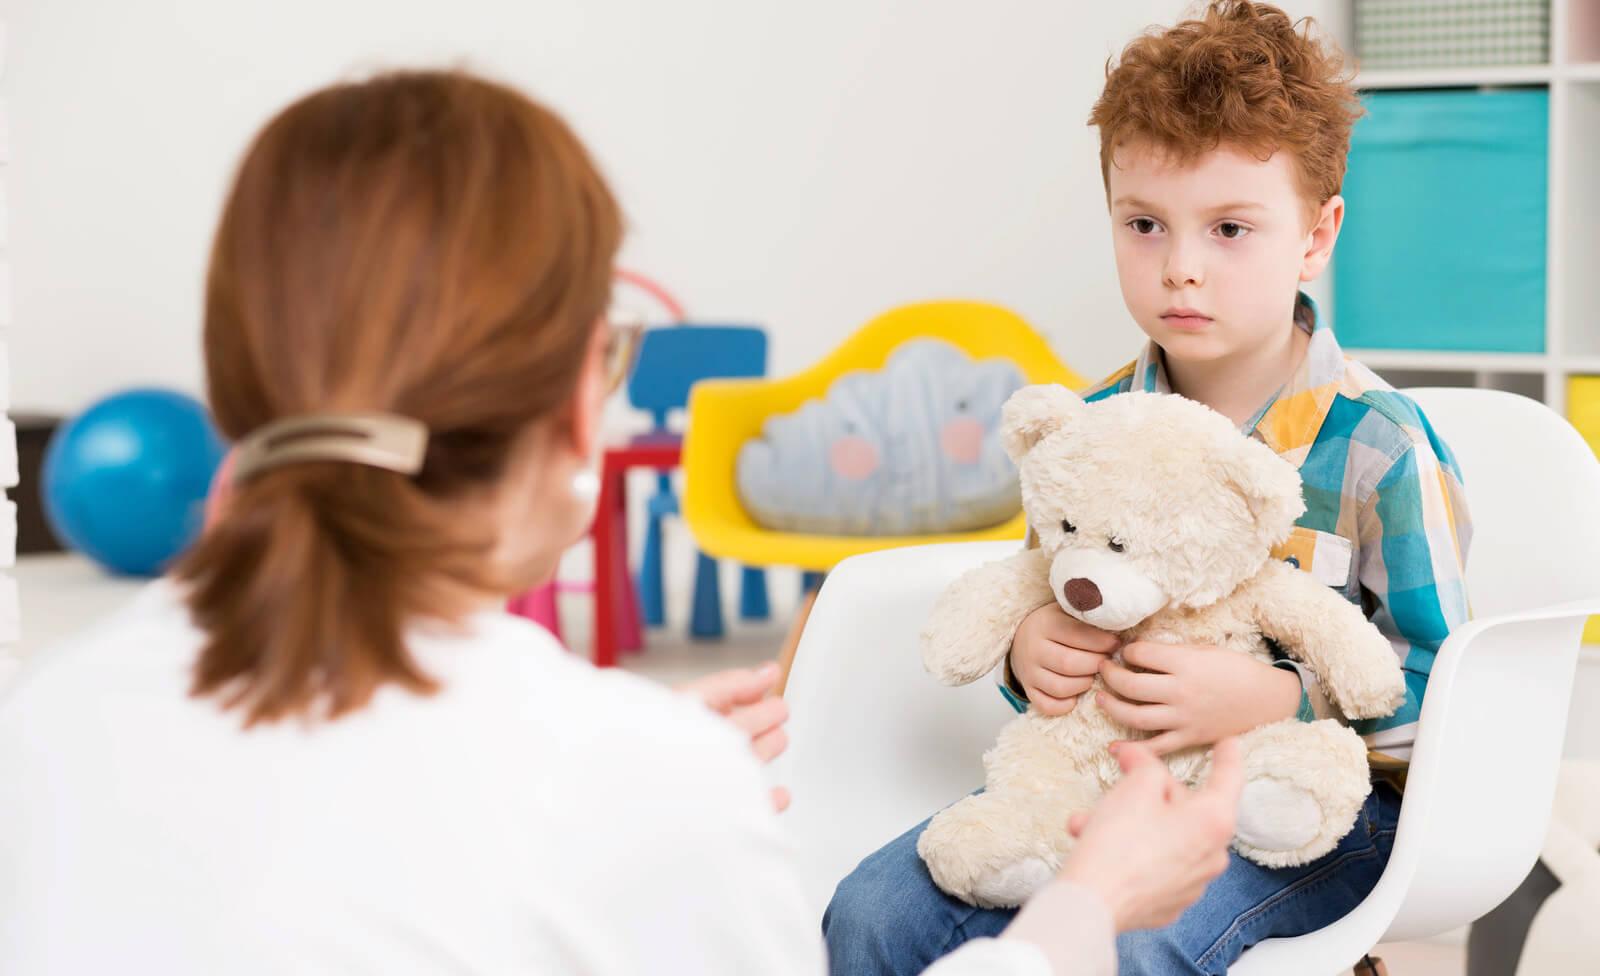 أعراض مرض التوحد وأنواعه